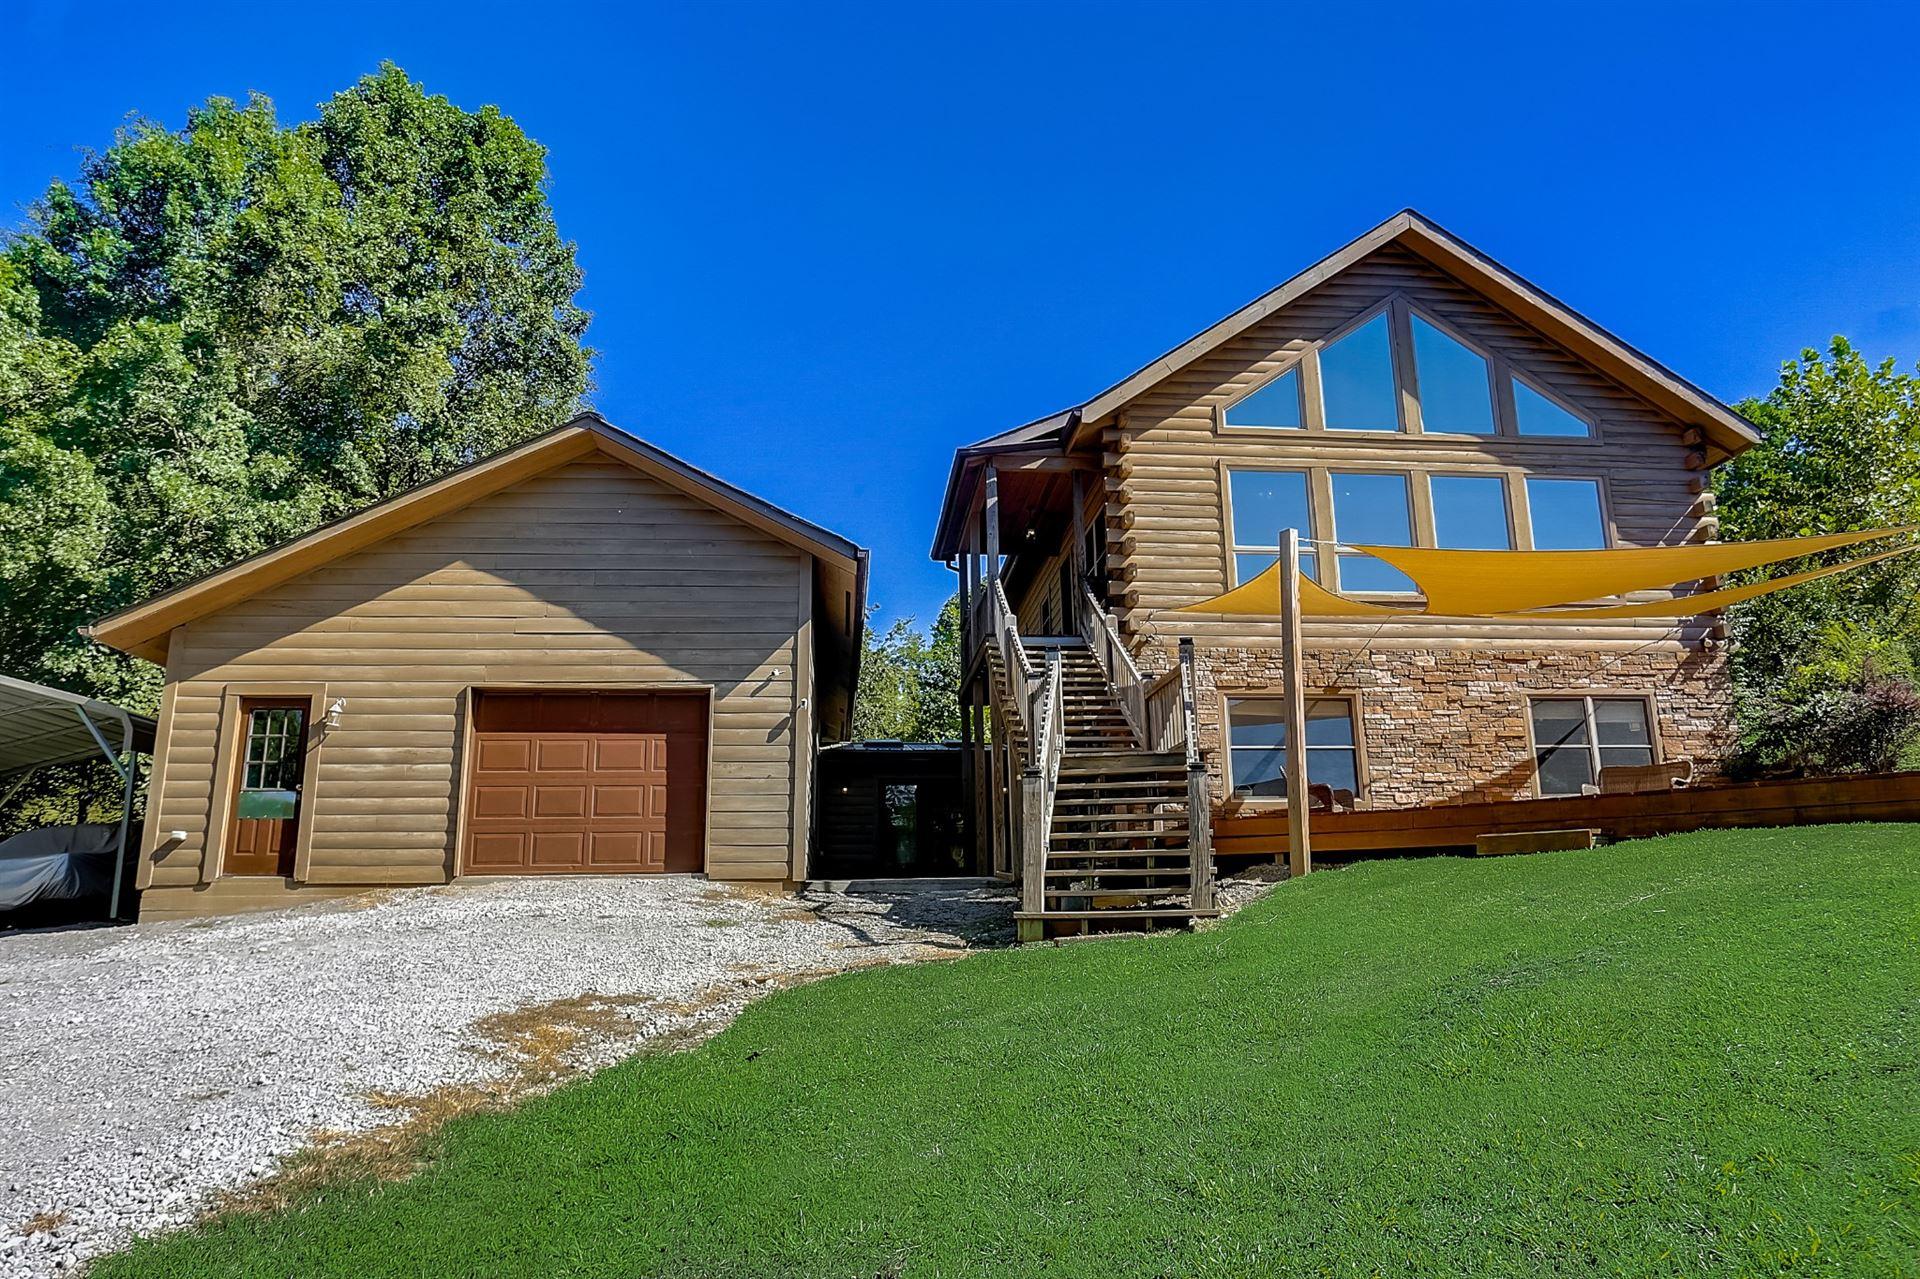 2805 Posey Hill Rd, Mount Juliet, TN 37122 - MLS#: 2289845